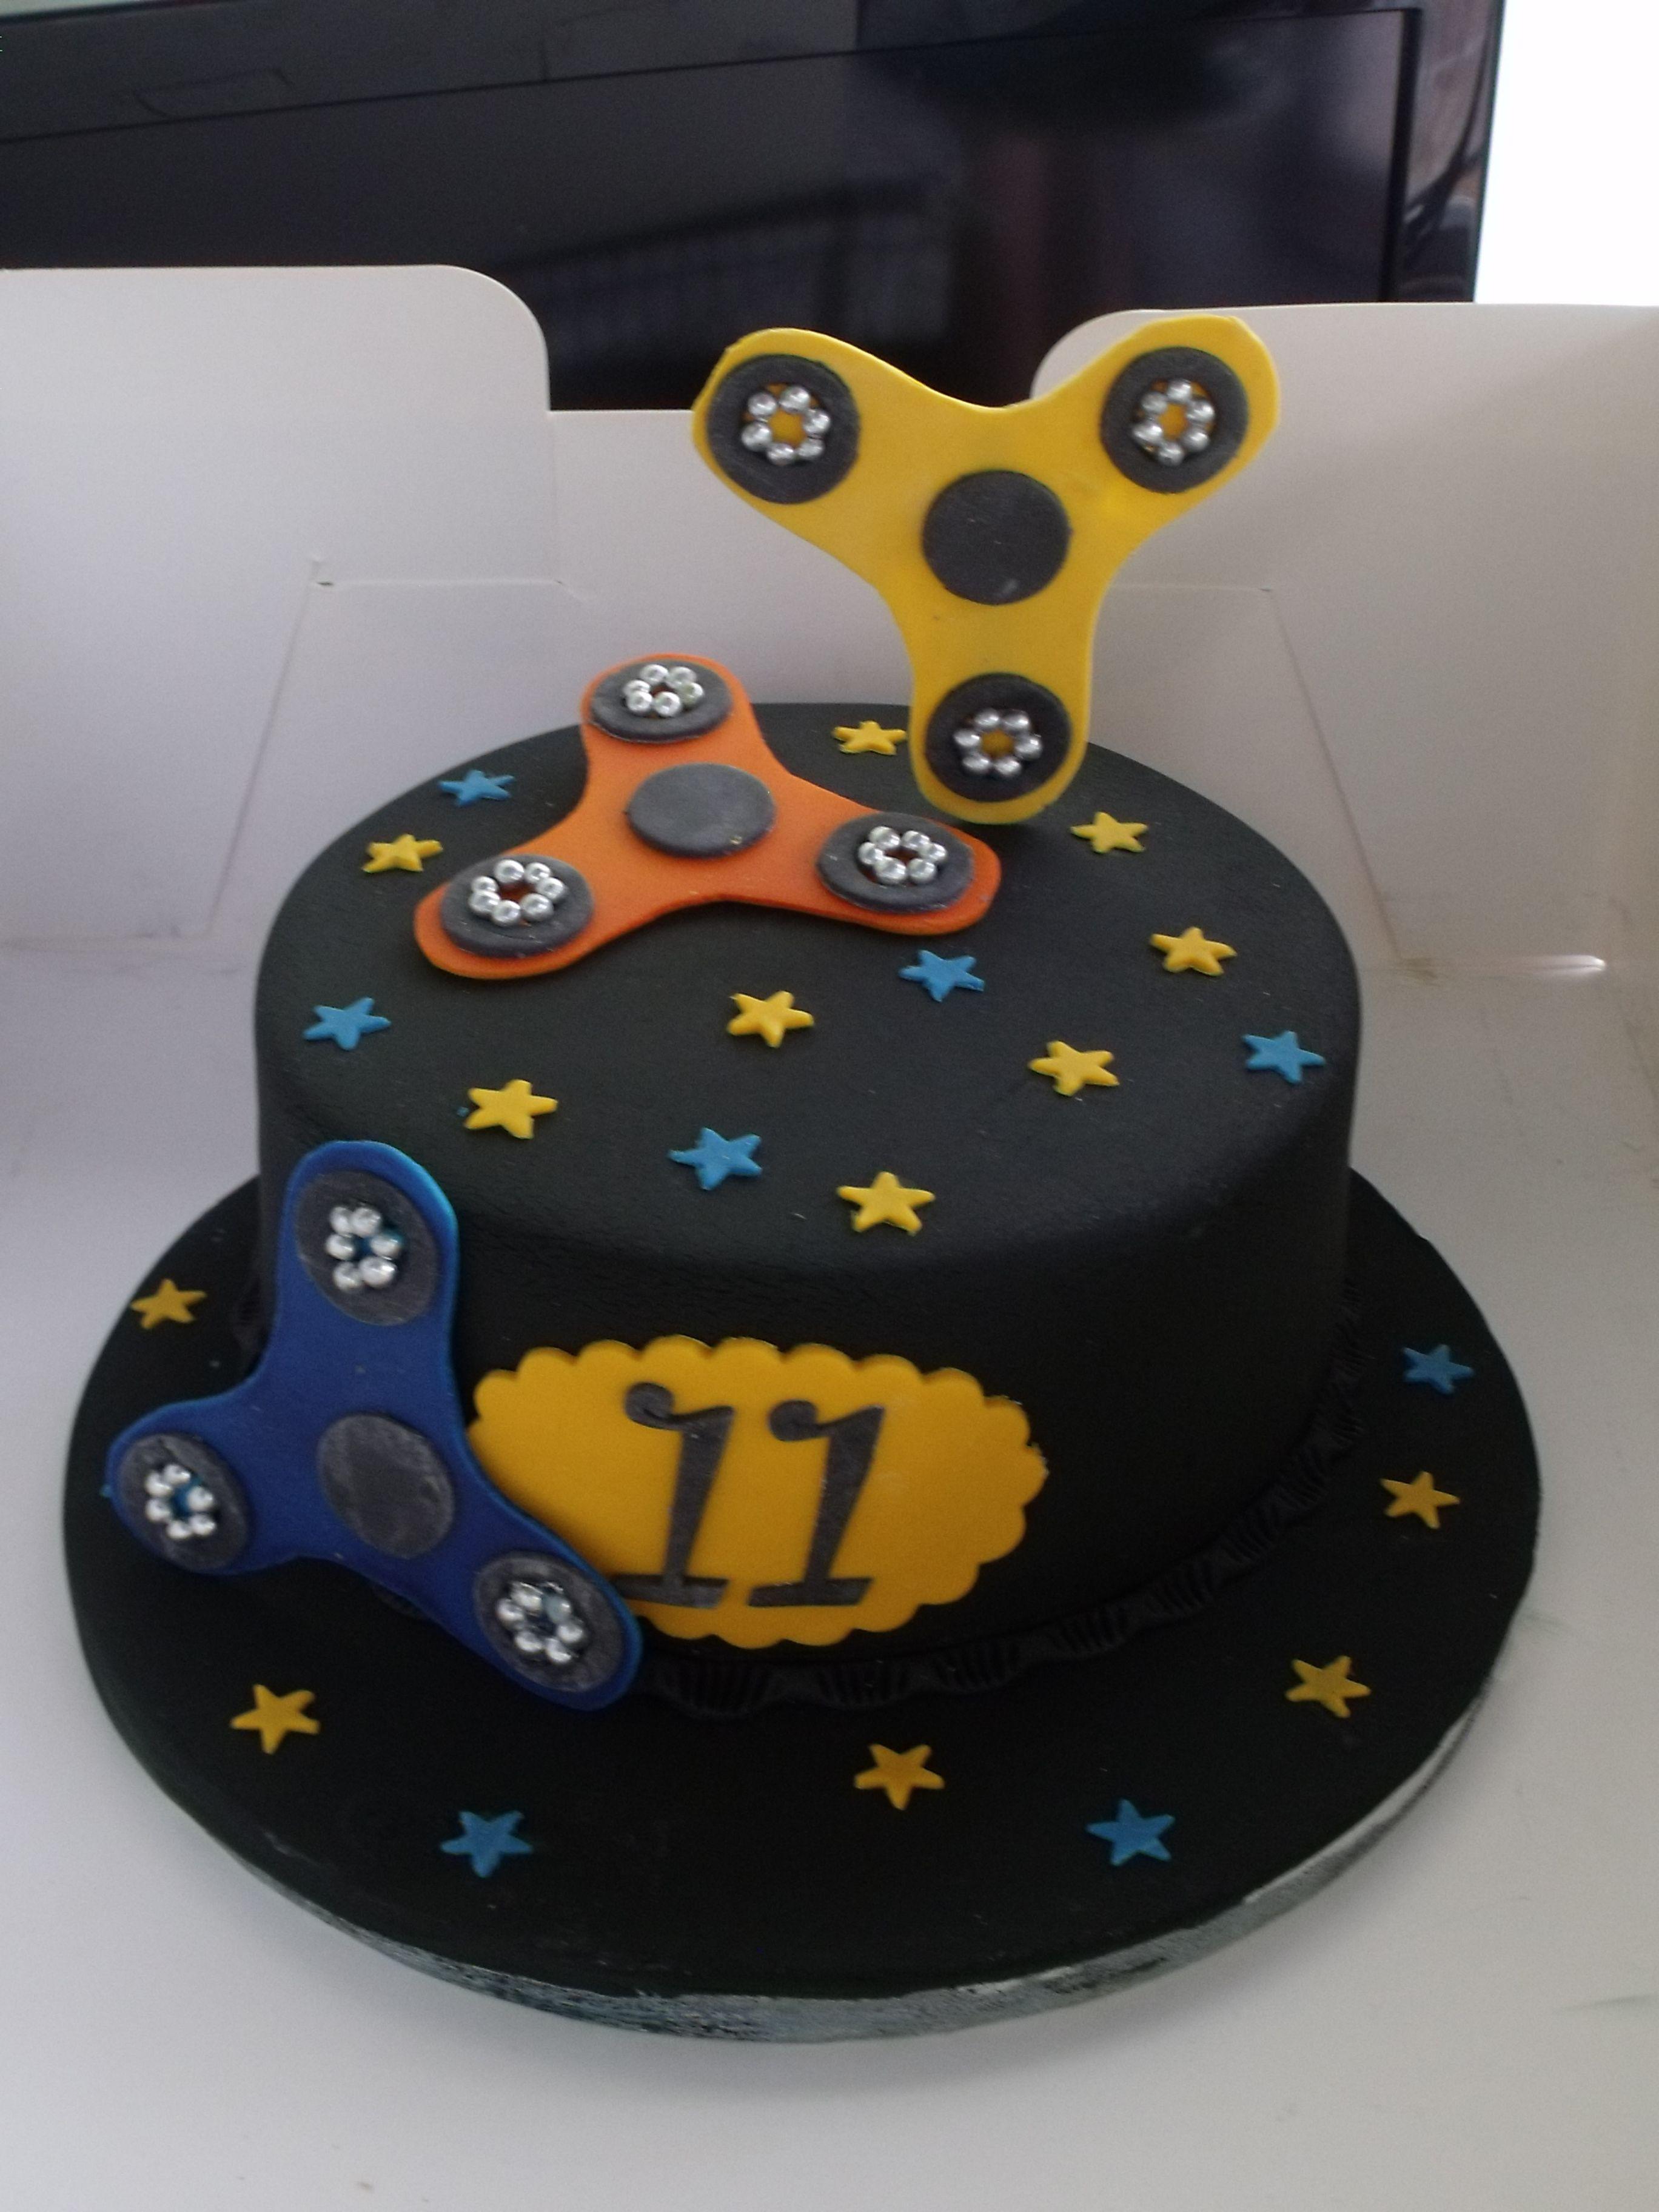 Fidget spinner birthday cake | Fonderific cakes | Figet spinner cake ...